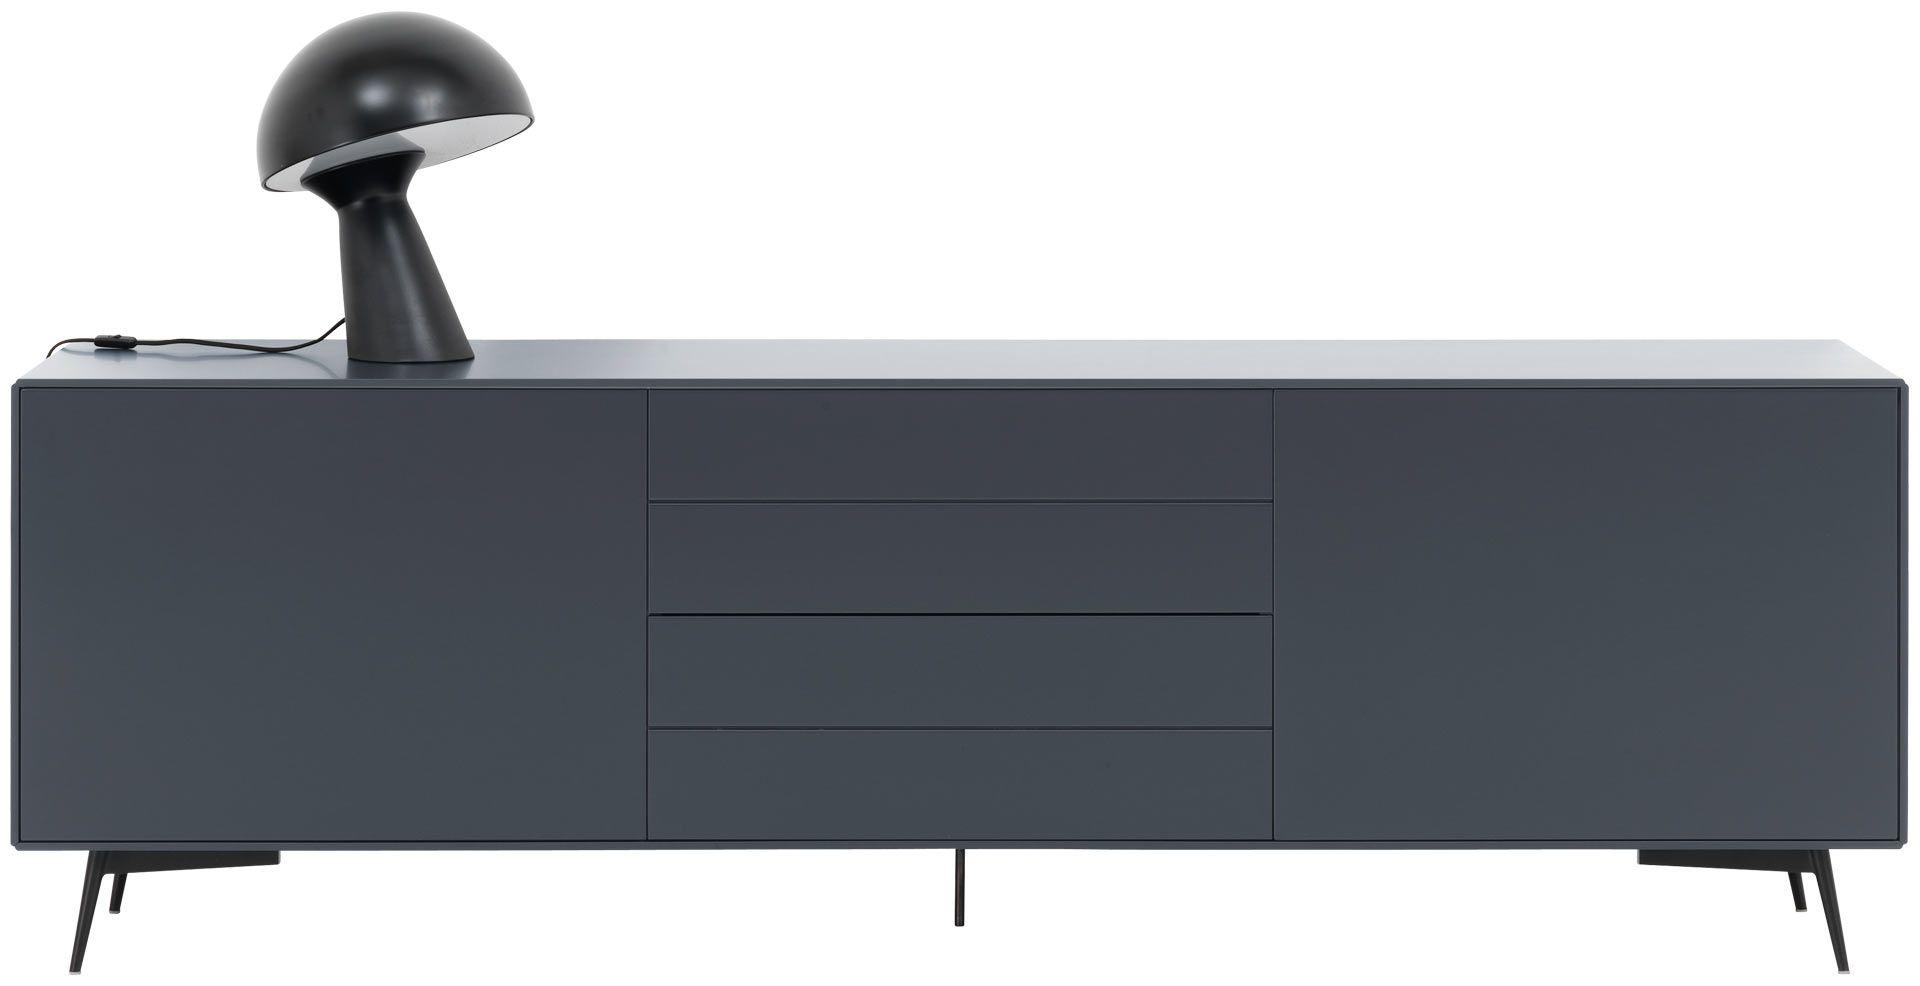 Moderne Sideboards Für Ihren Wohnraum – Qualität Von Regarding Most Recent Phyllis Sideboards (View 6 of 20)